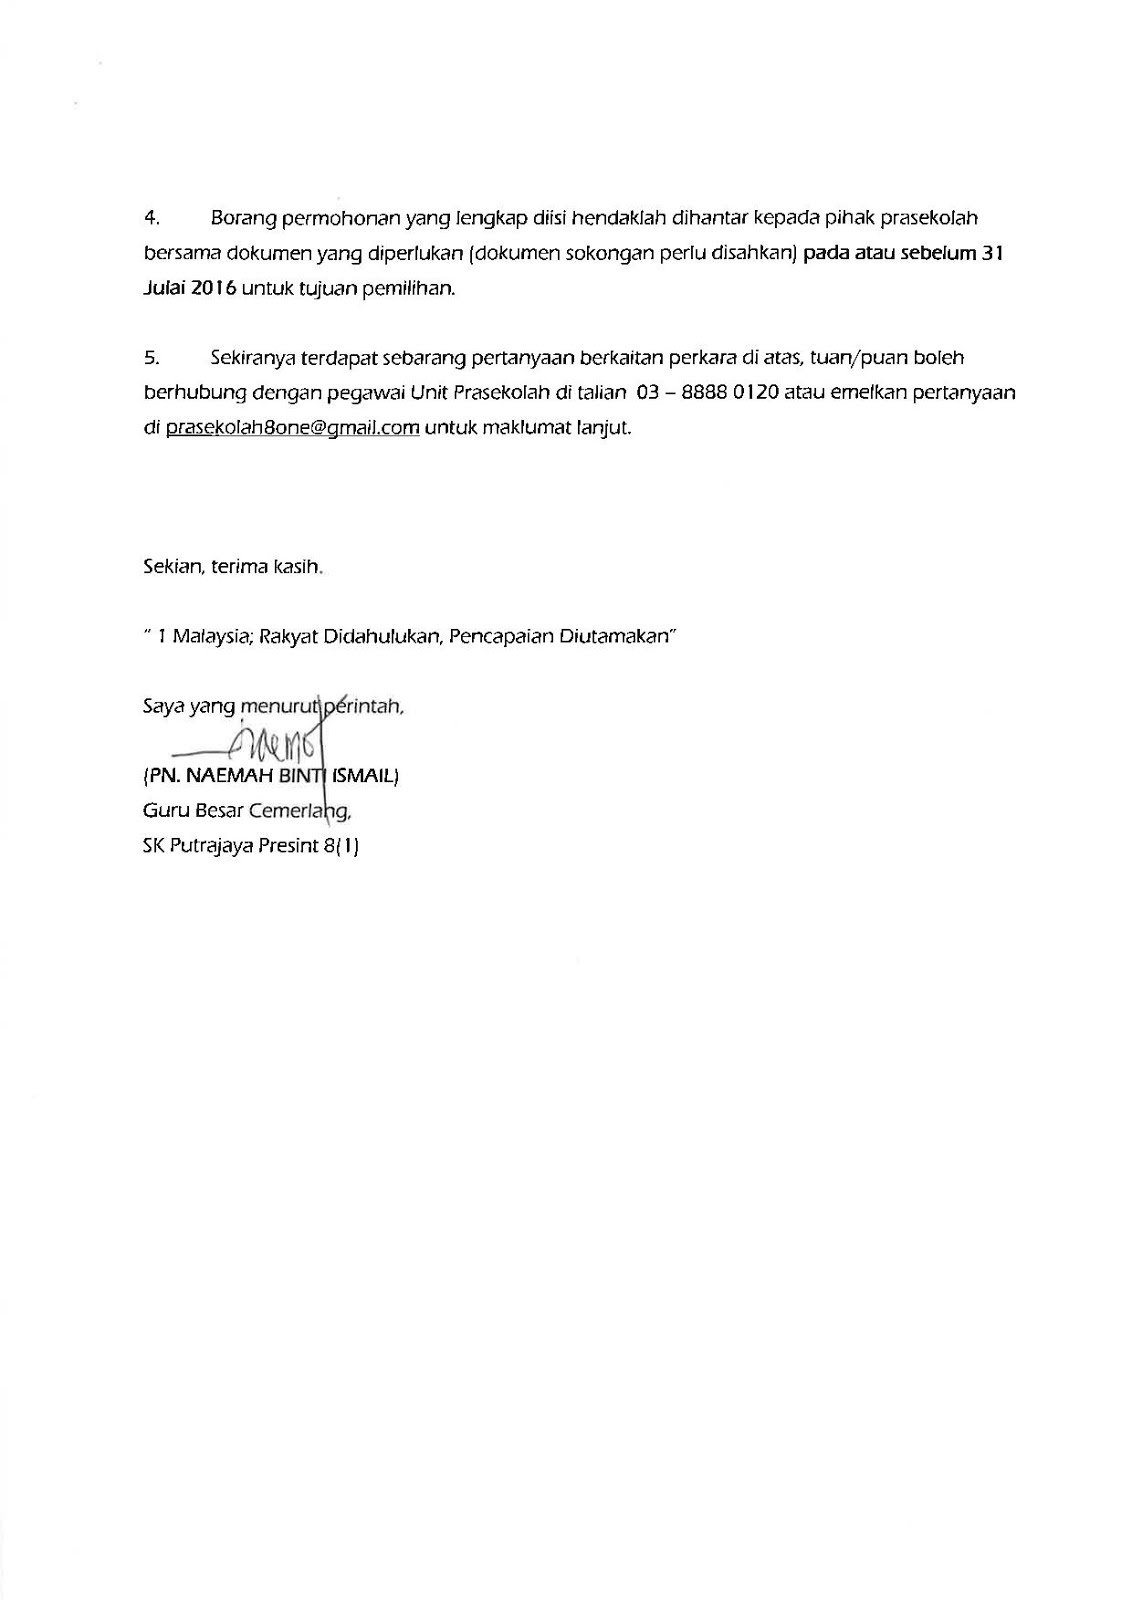 Surat Siaran (M/S2)